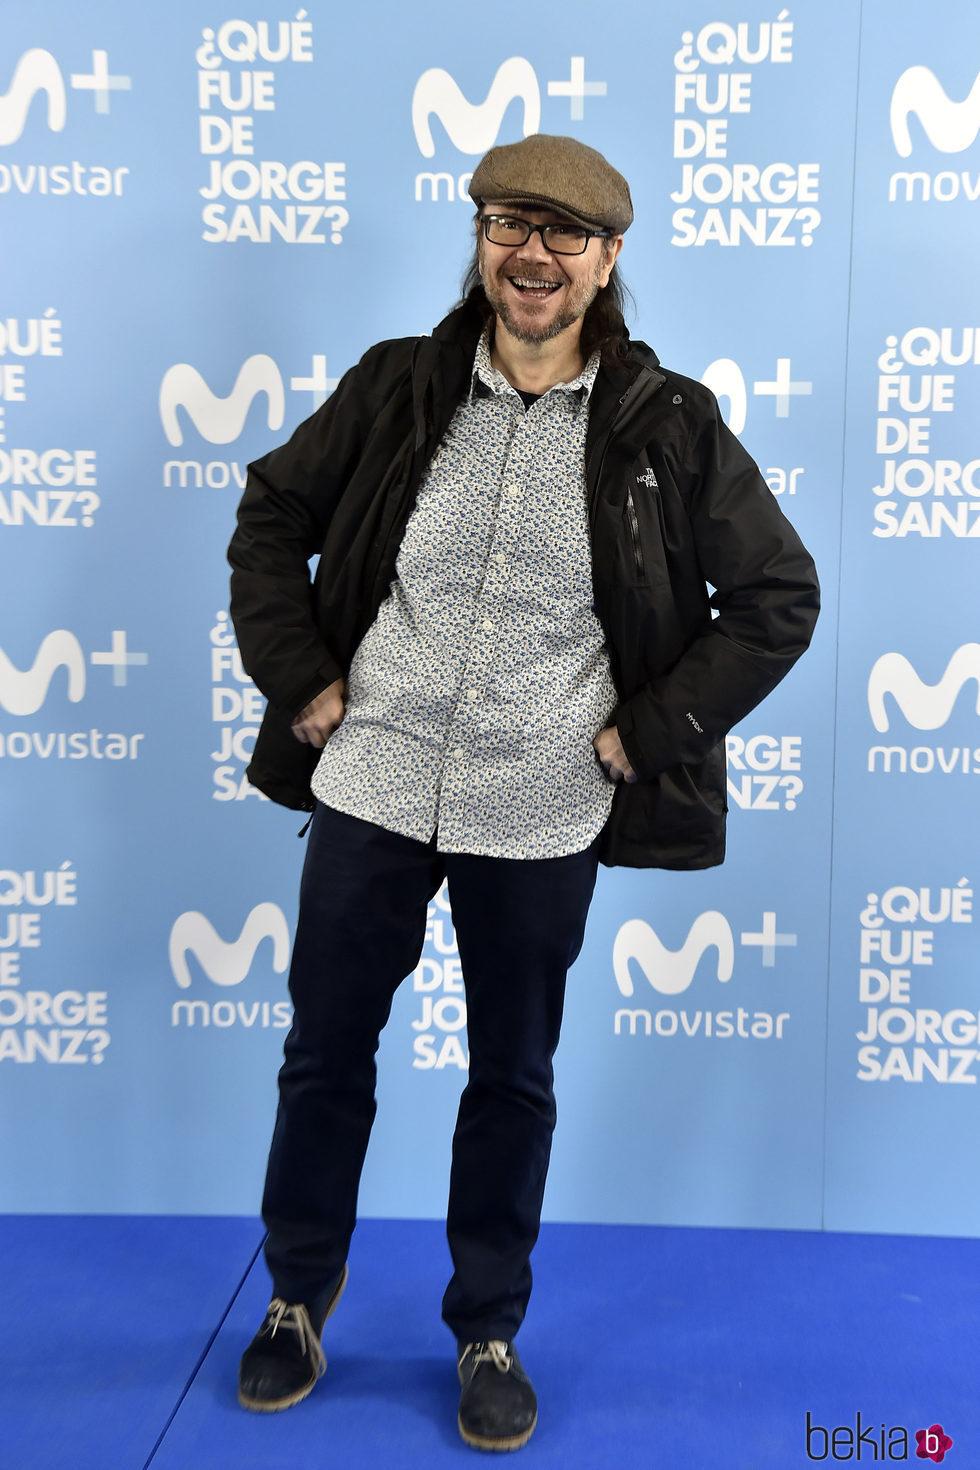 Santiago Segura en el estreno de '¿Qué fue de Jorge Sanz?'